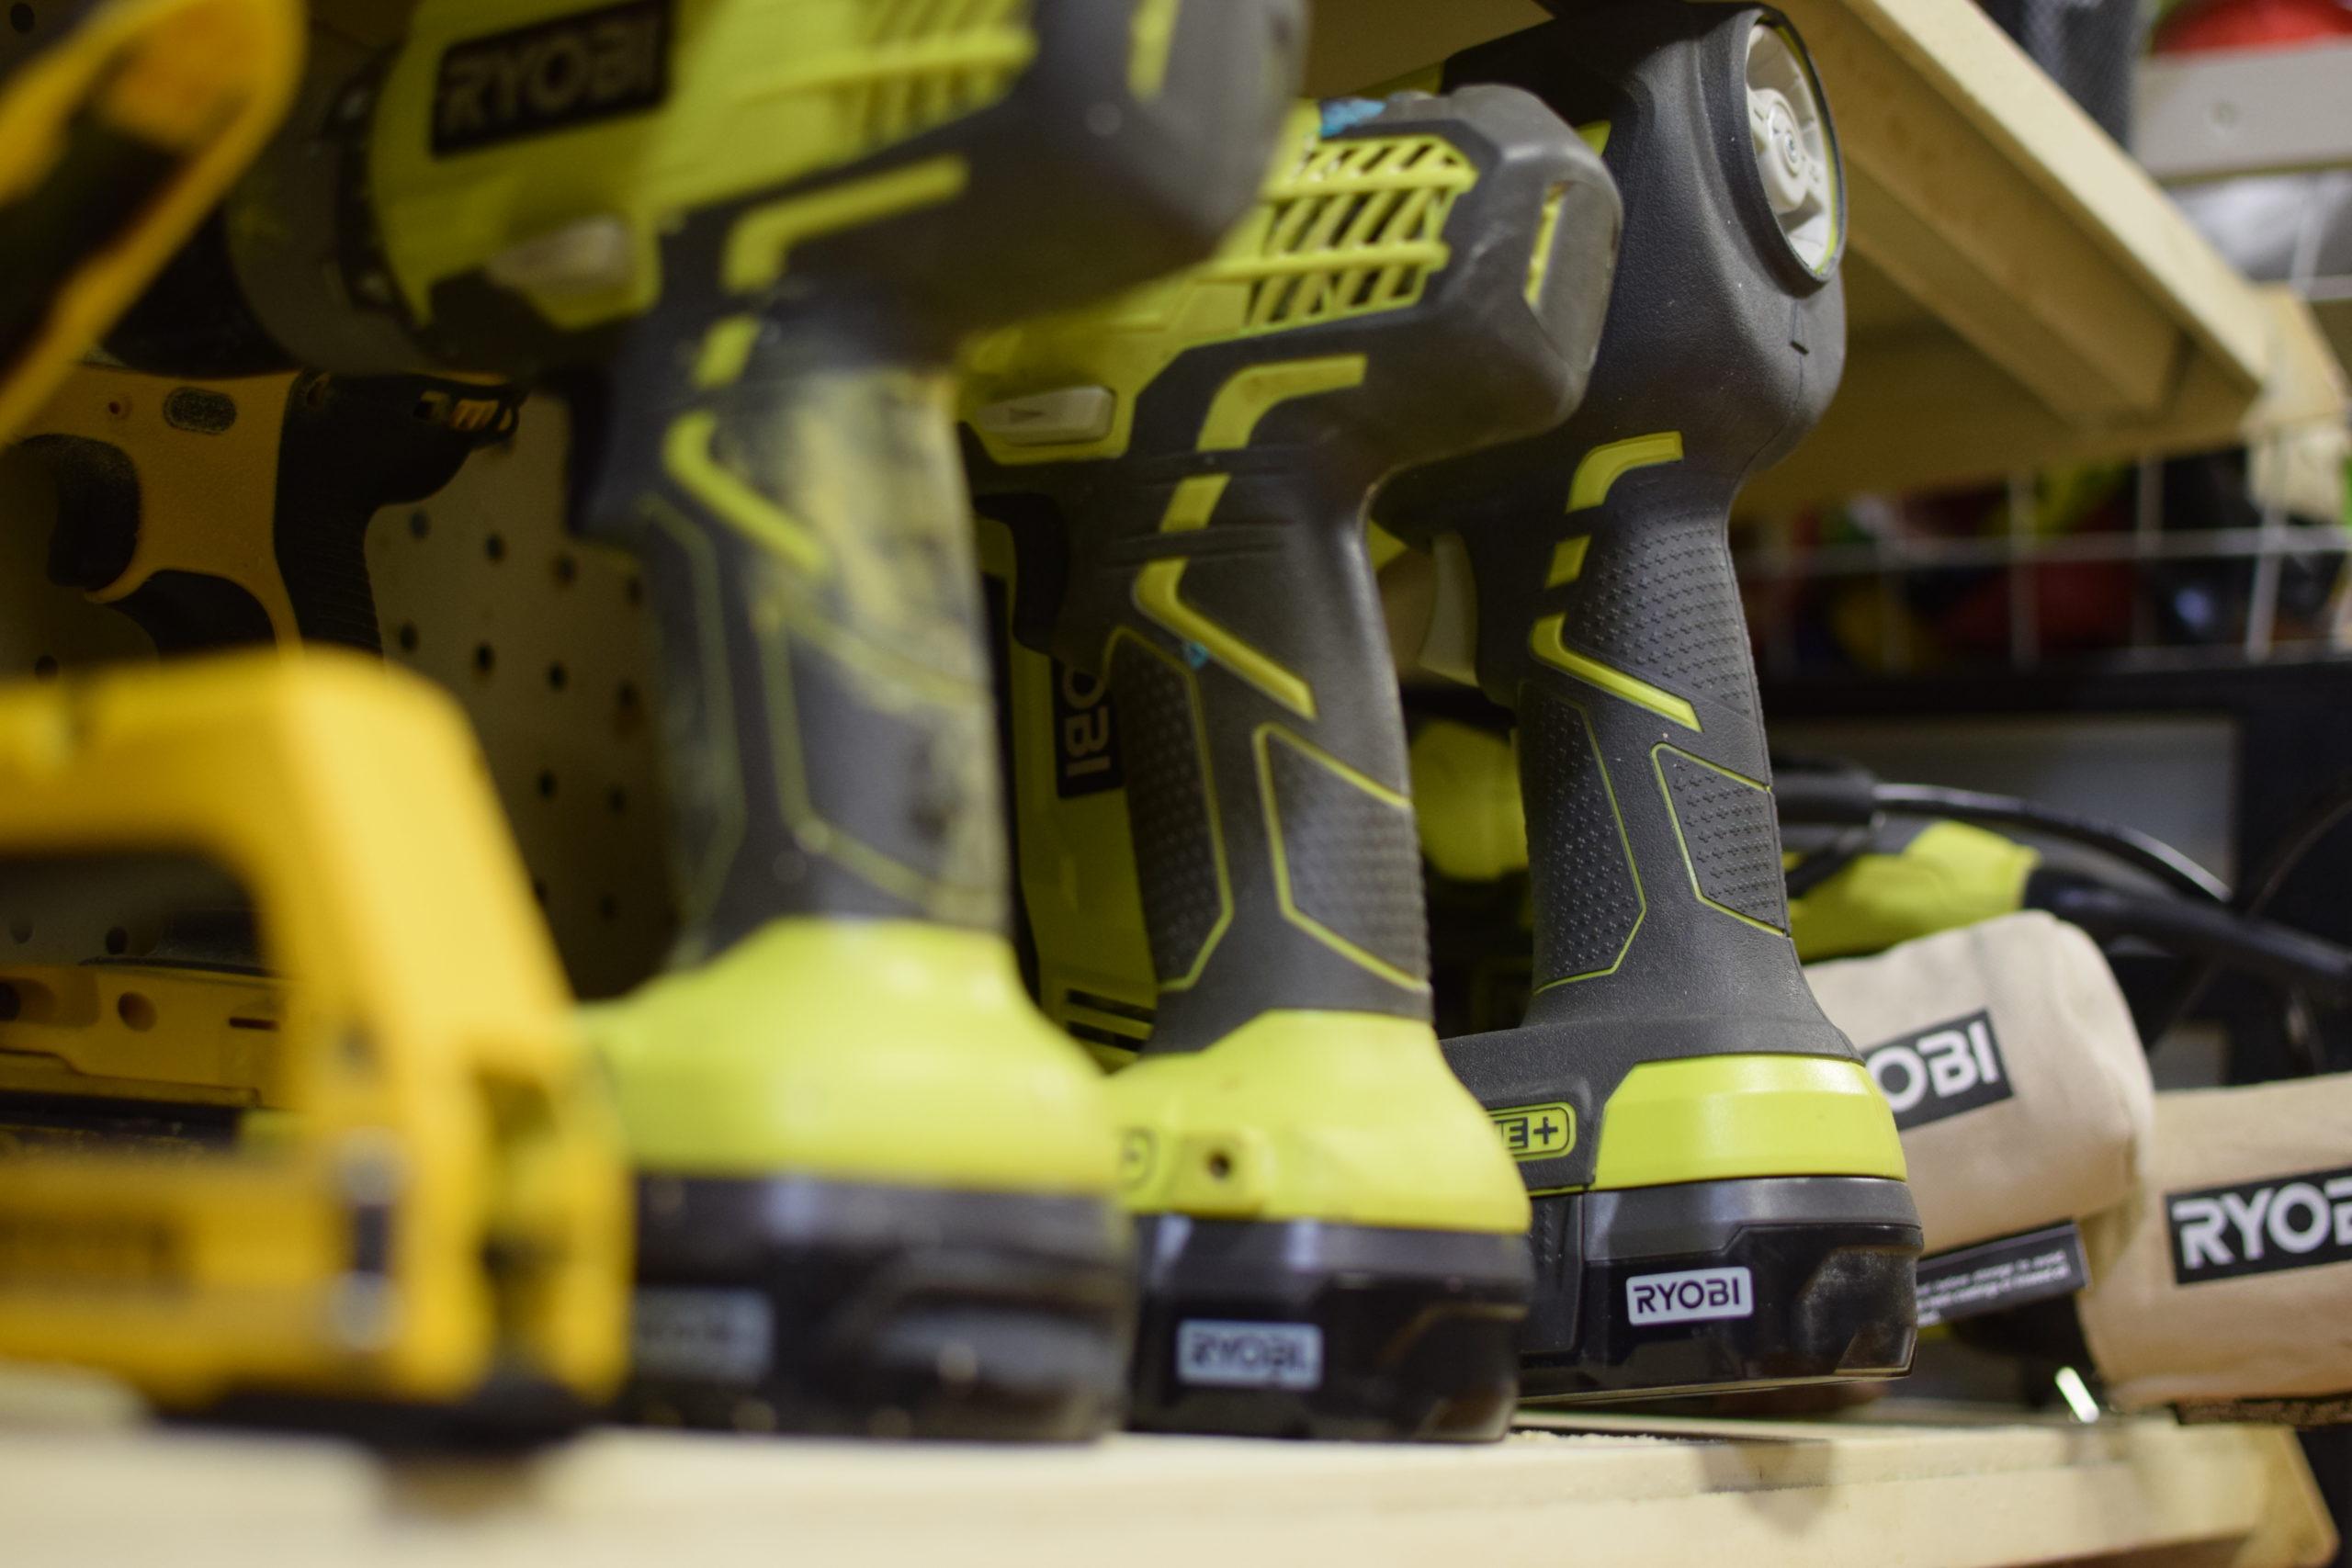 row of Ryobi power tools